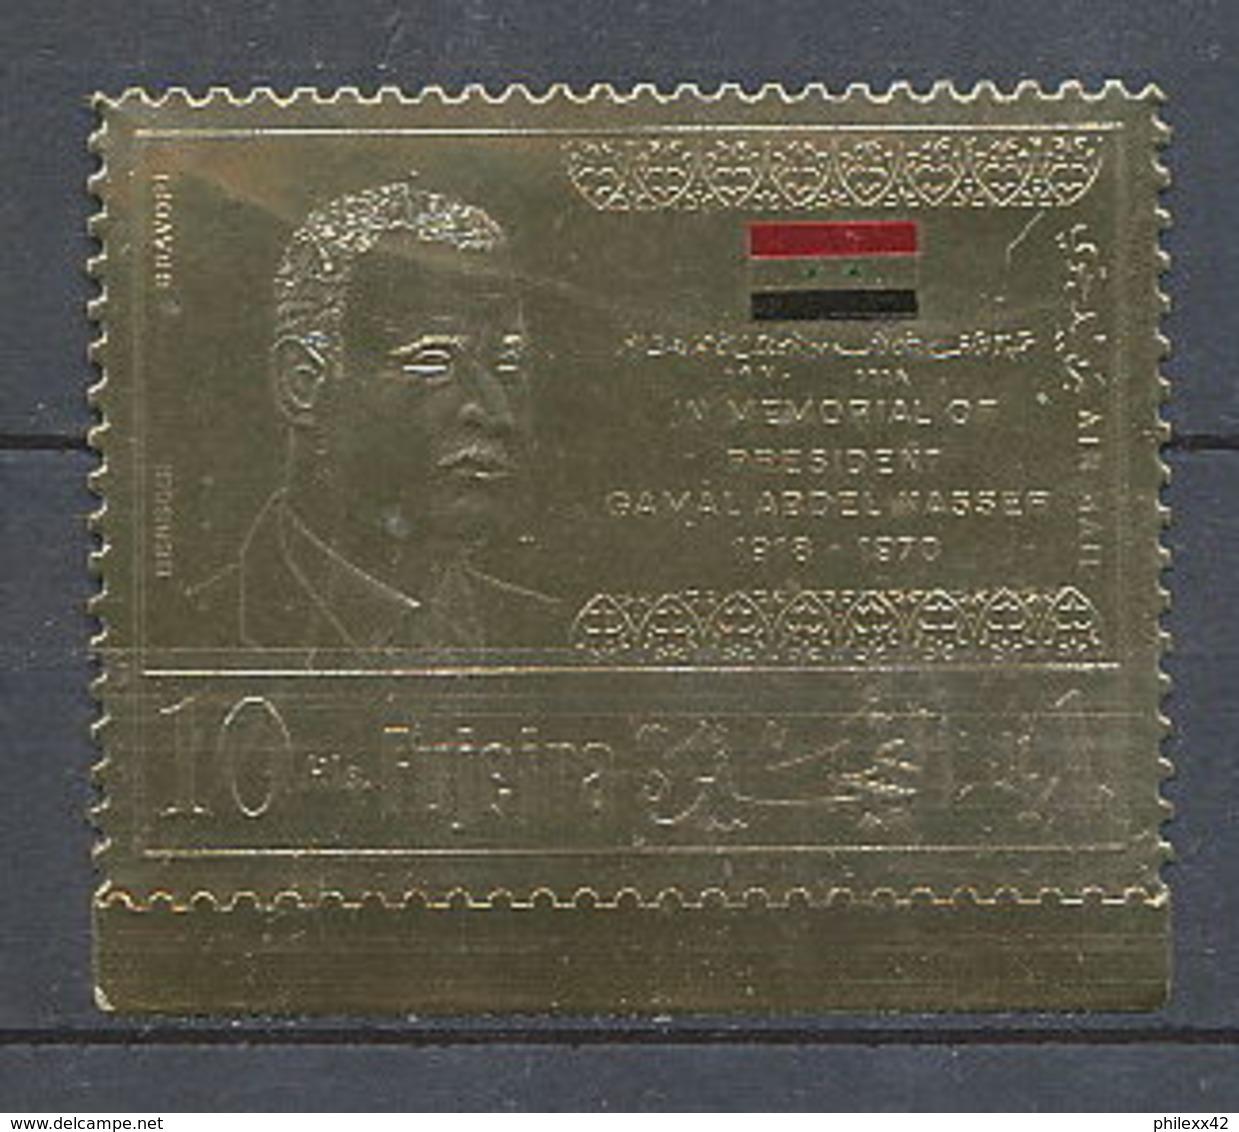 517/ Fujeira N°558  OR (gold Stamps) Gamal Abdel Nasser Egypte (Egypt UAR) Neuf ** Mnh - Célébrités